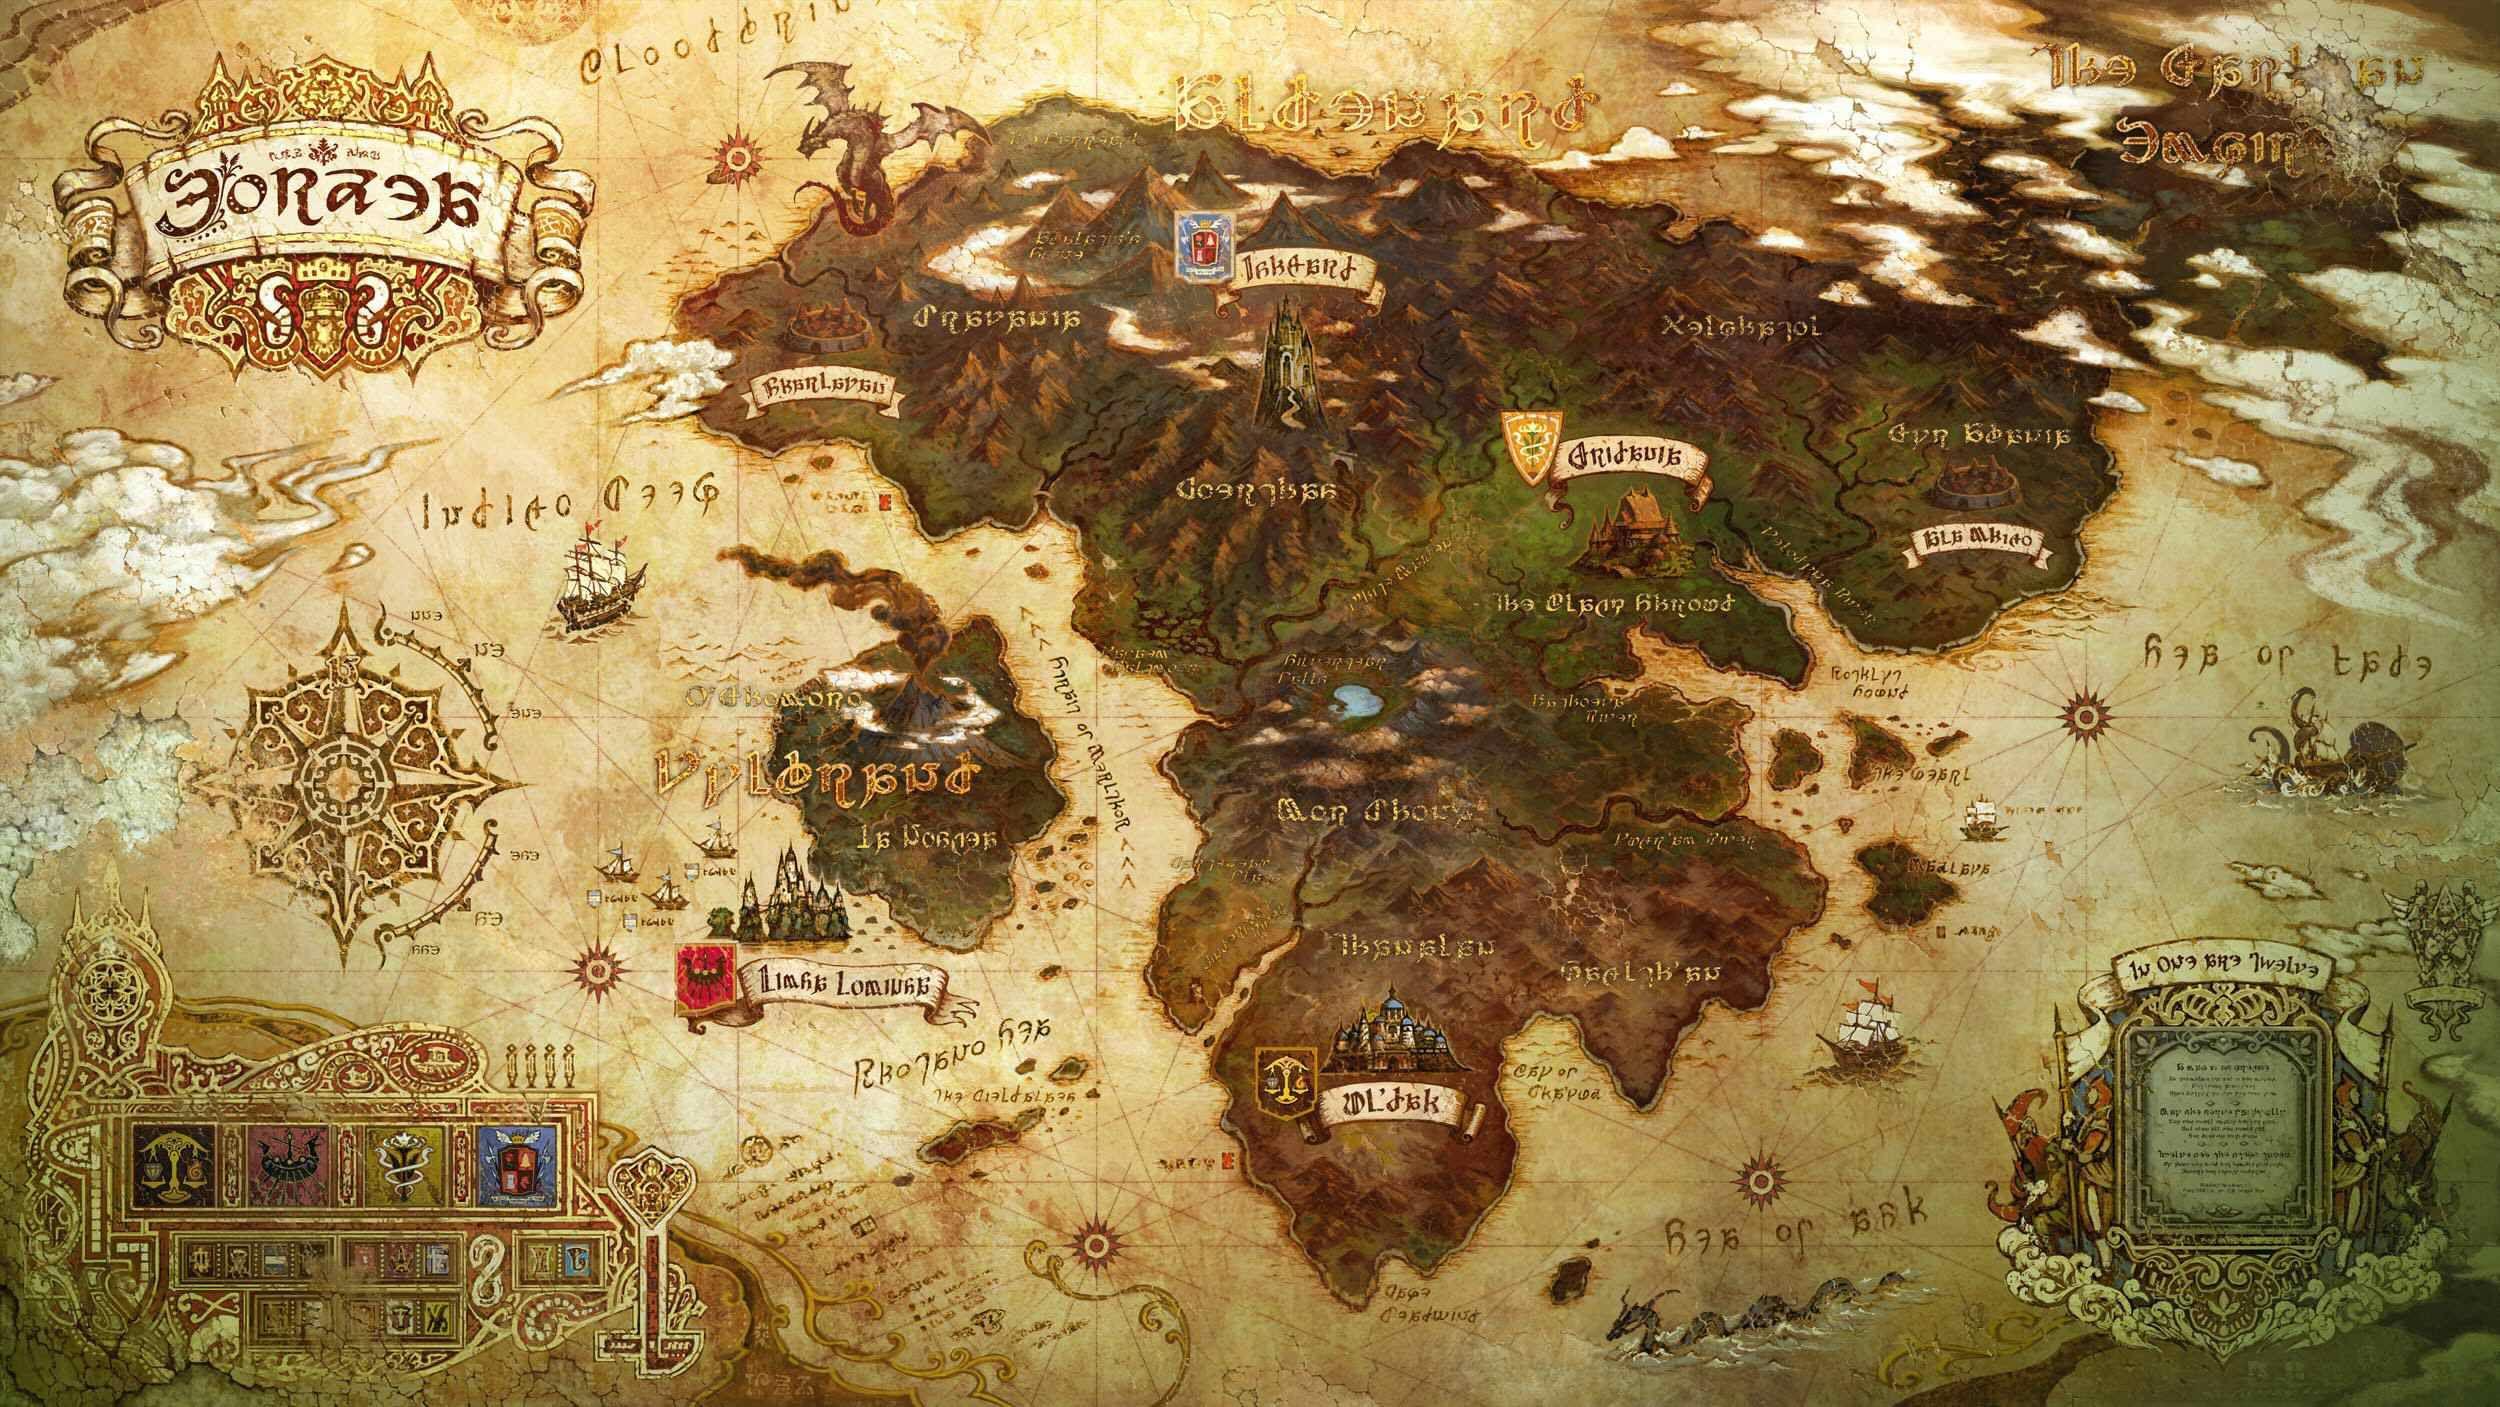 Pin von zhang auf map | Fantasie karte, Kartenkunst und ...